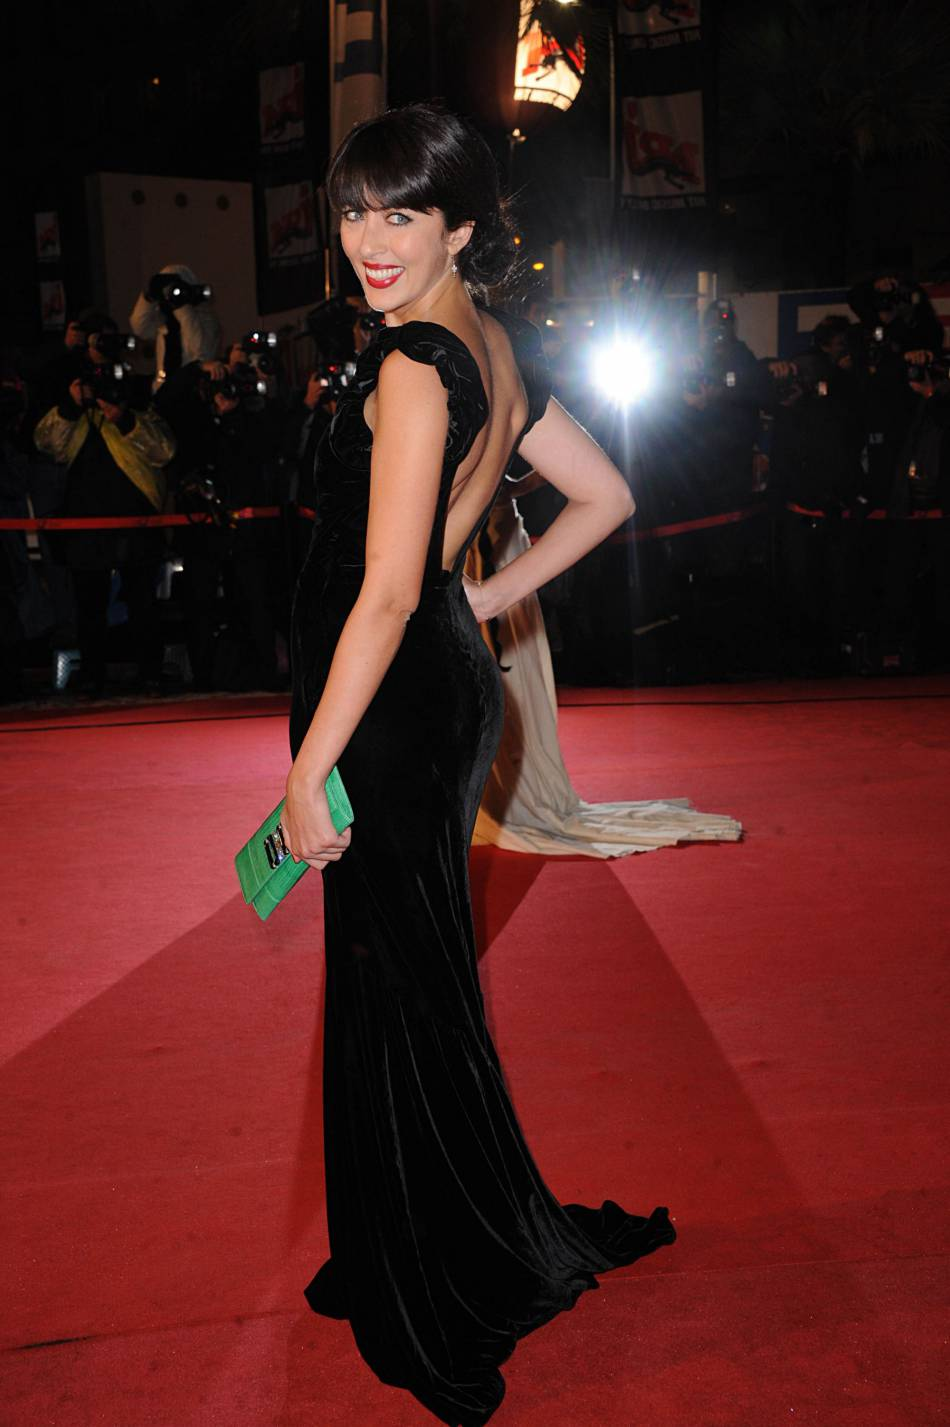 En 2012, Nolwenn Leroy mise sur la simplicité d'une robe noire en velours.